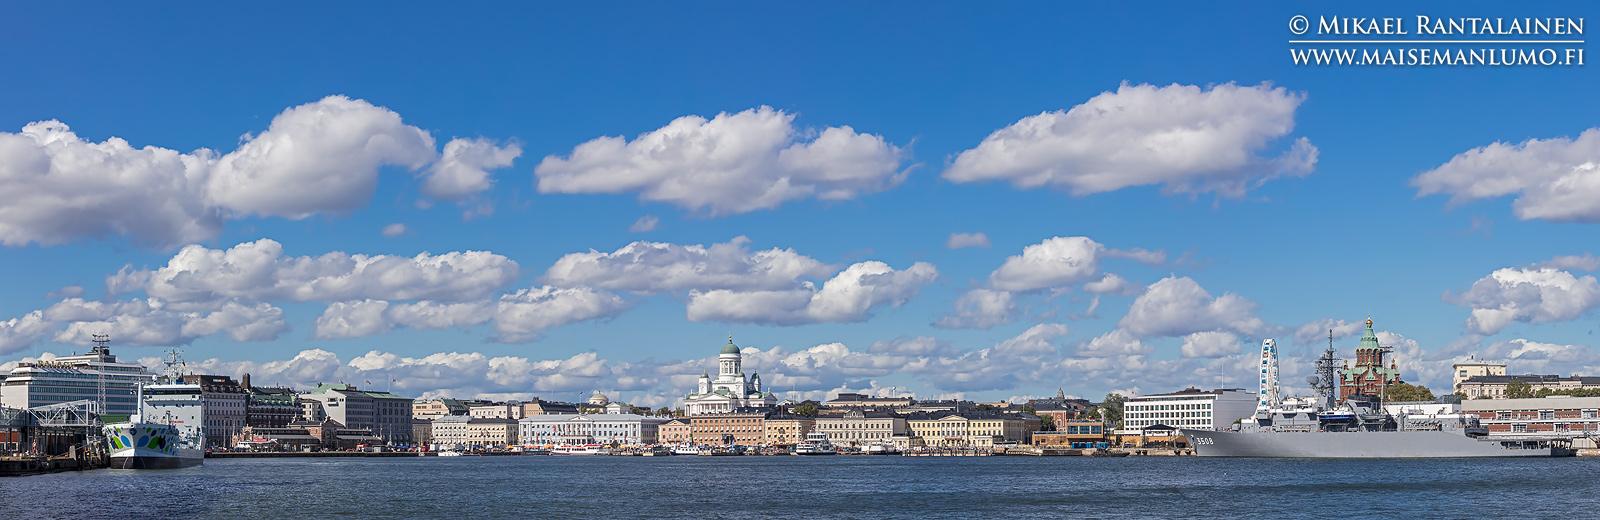 Helsingin siluetti Vallisaaren lautalta (HP200)